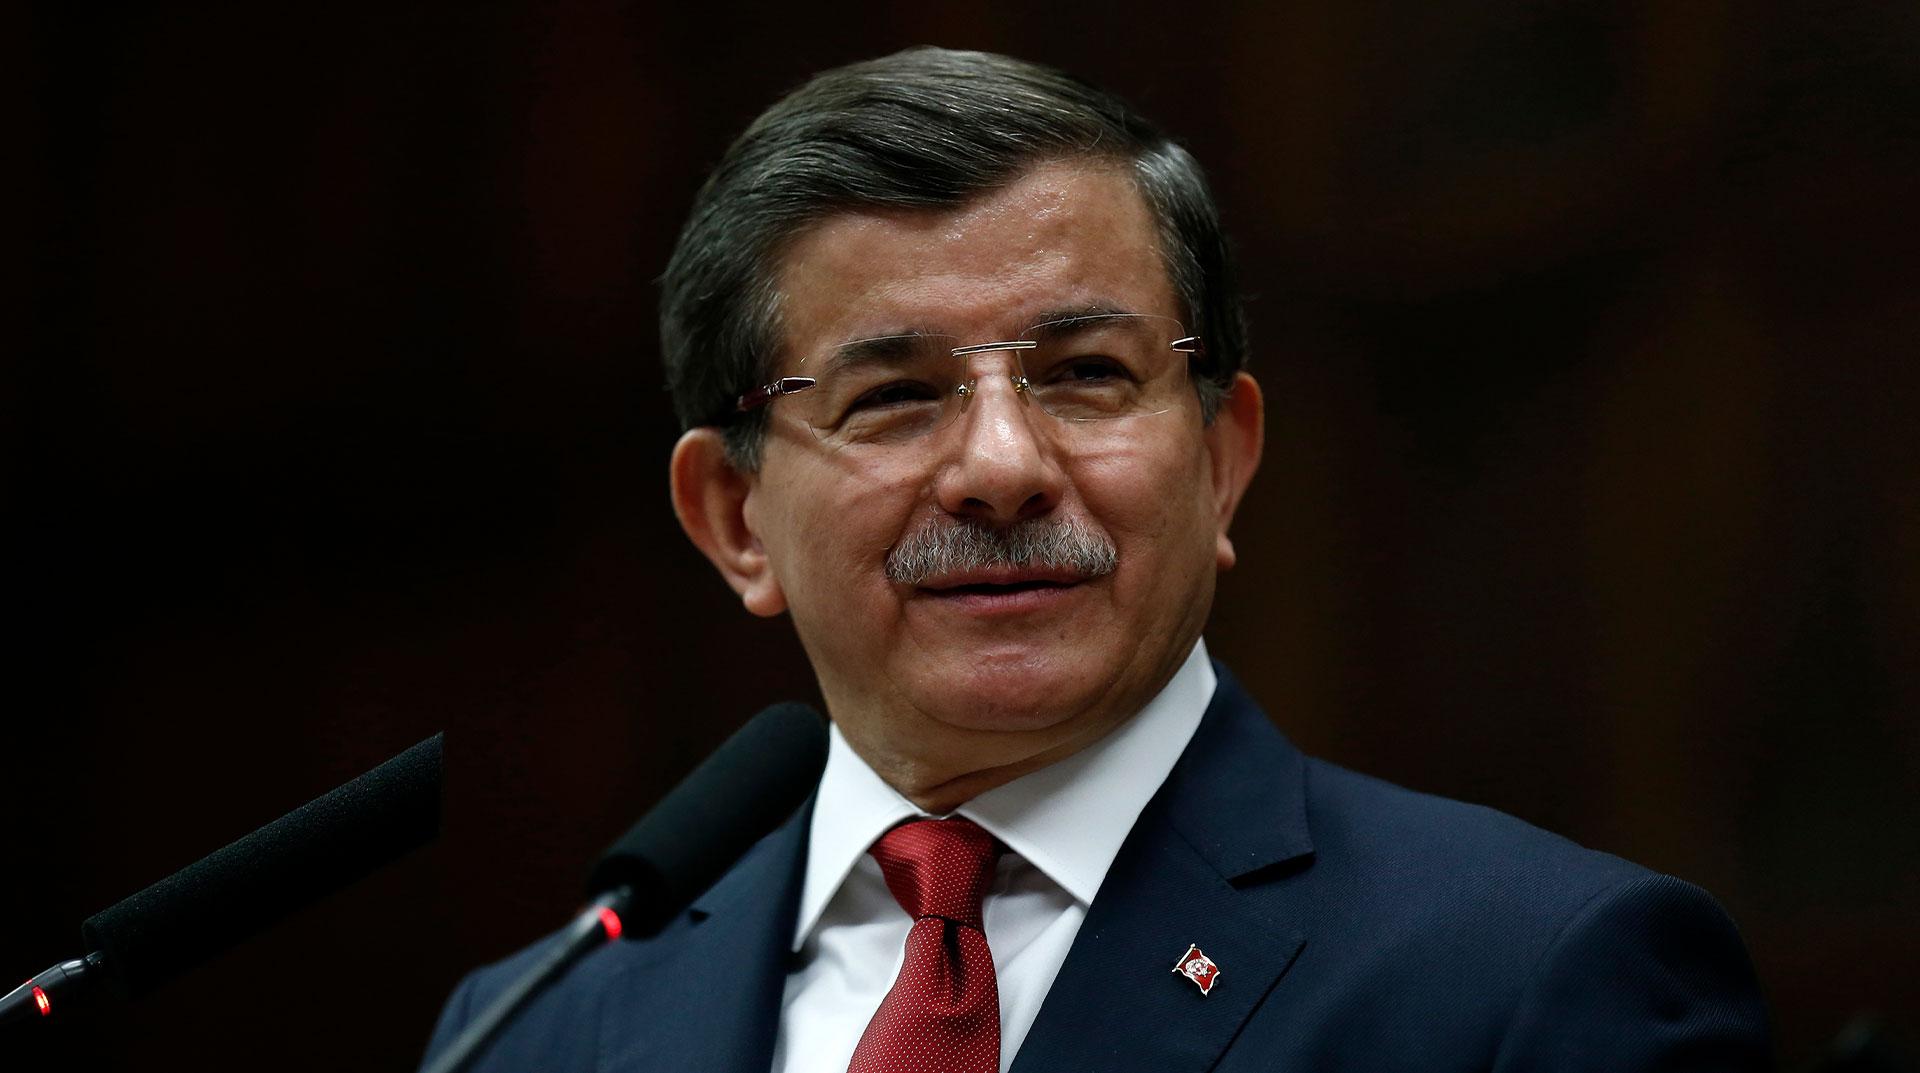 Son Dakika | Ahmet Davutoğlu, partisi için resmi başvuruyu yaptı